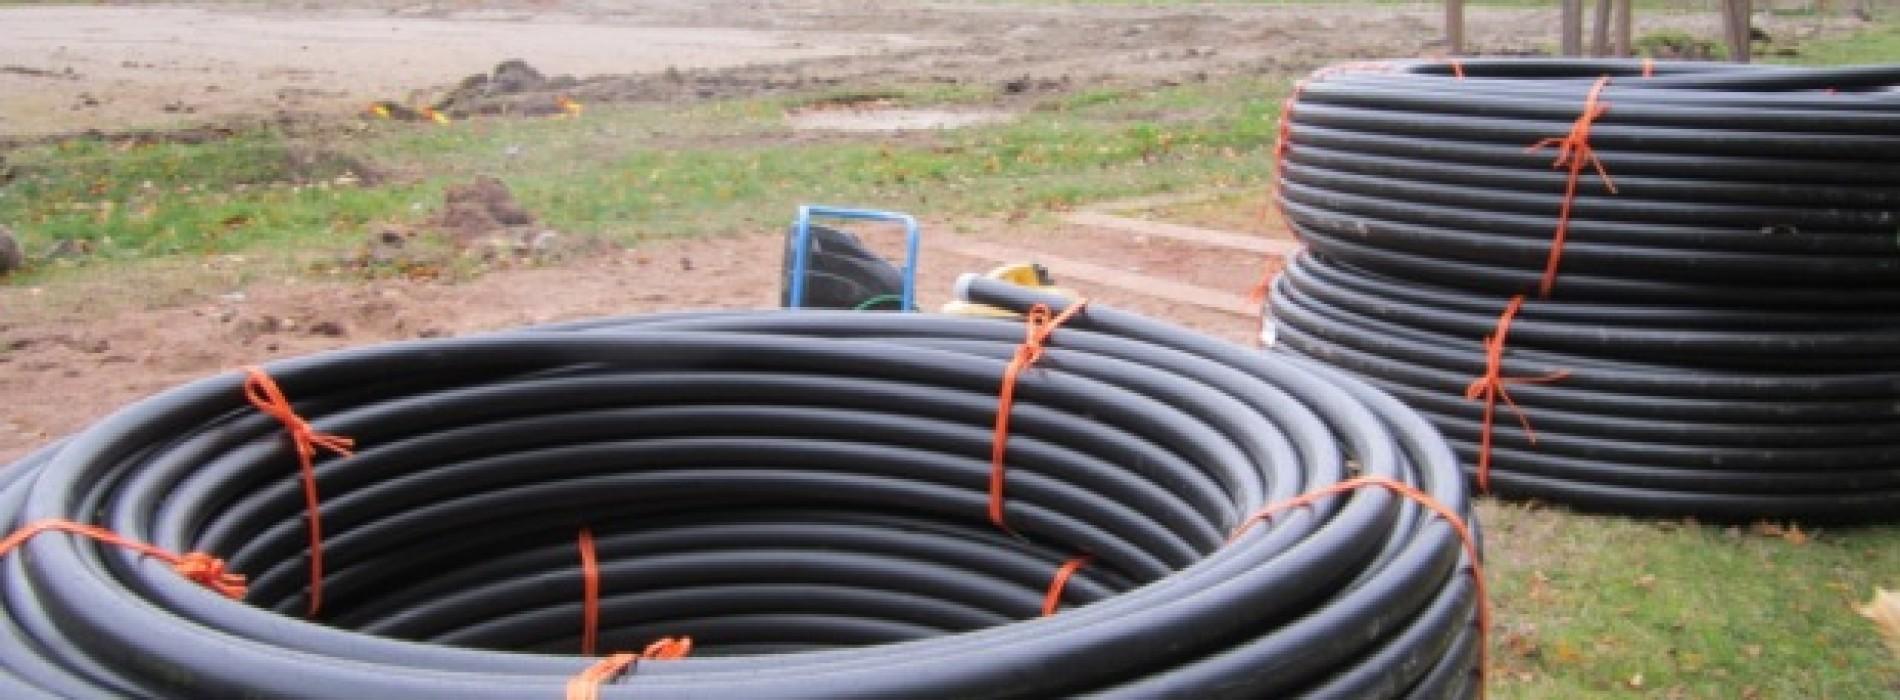 Jordvarmepumpe – god løsning for deg med stor tomt